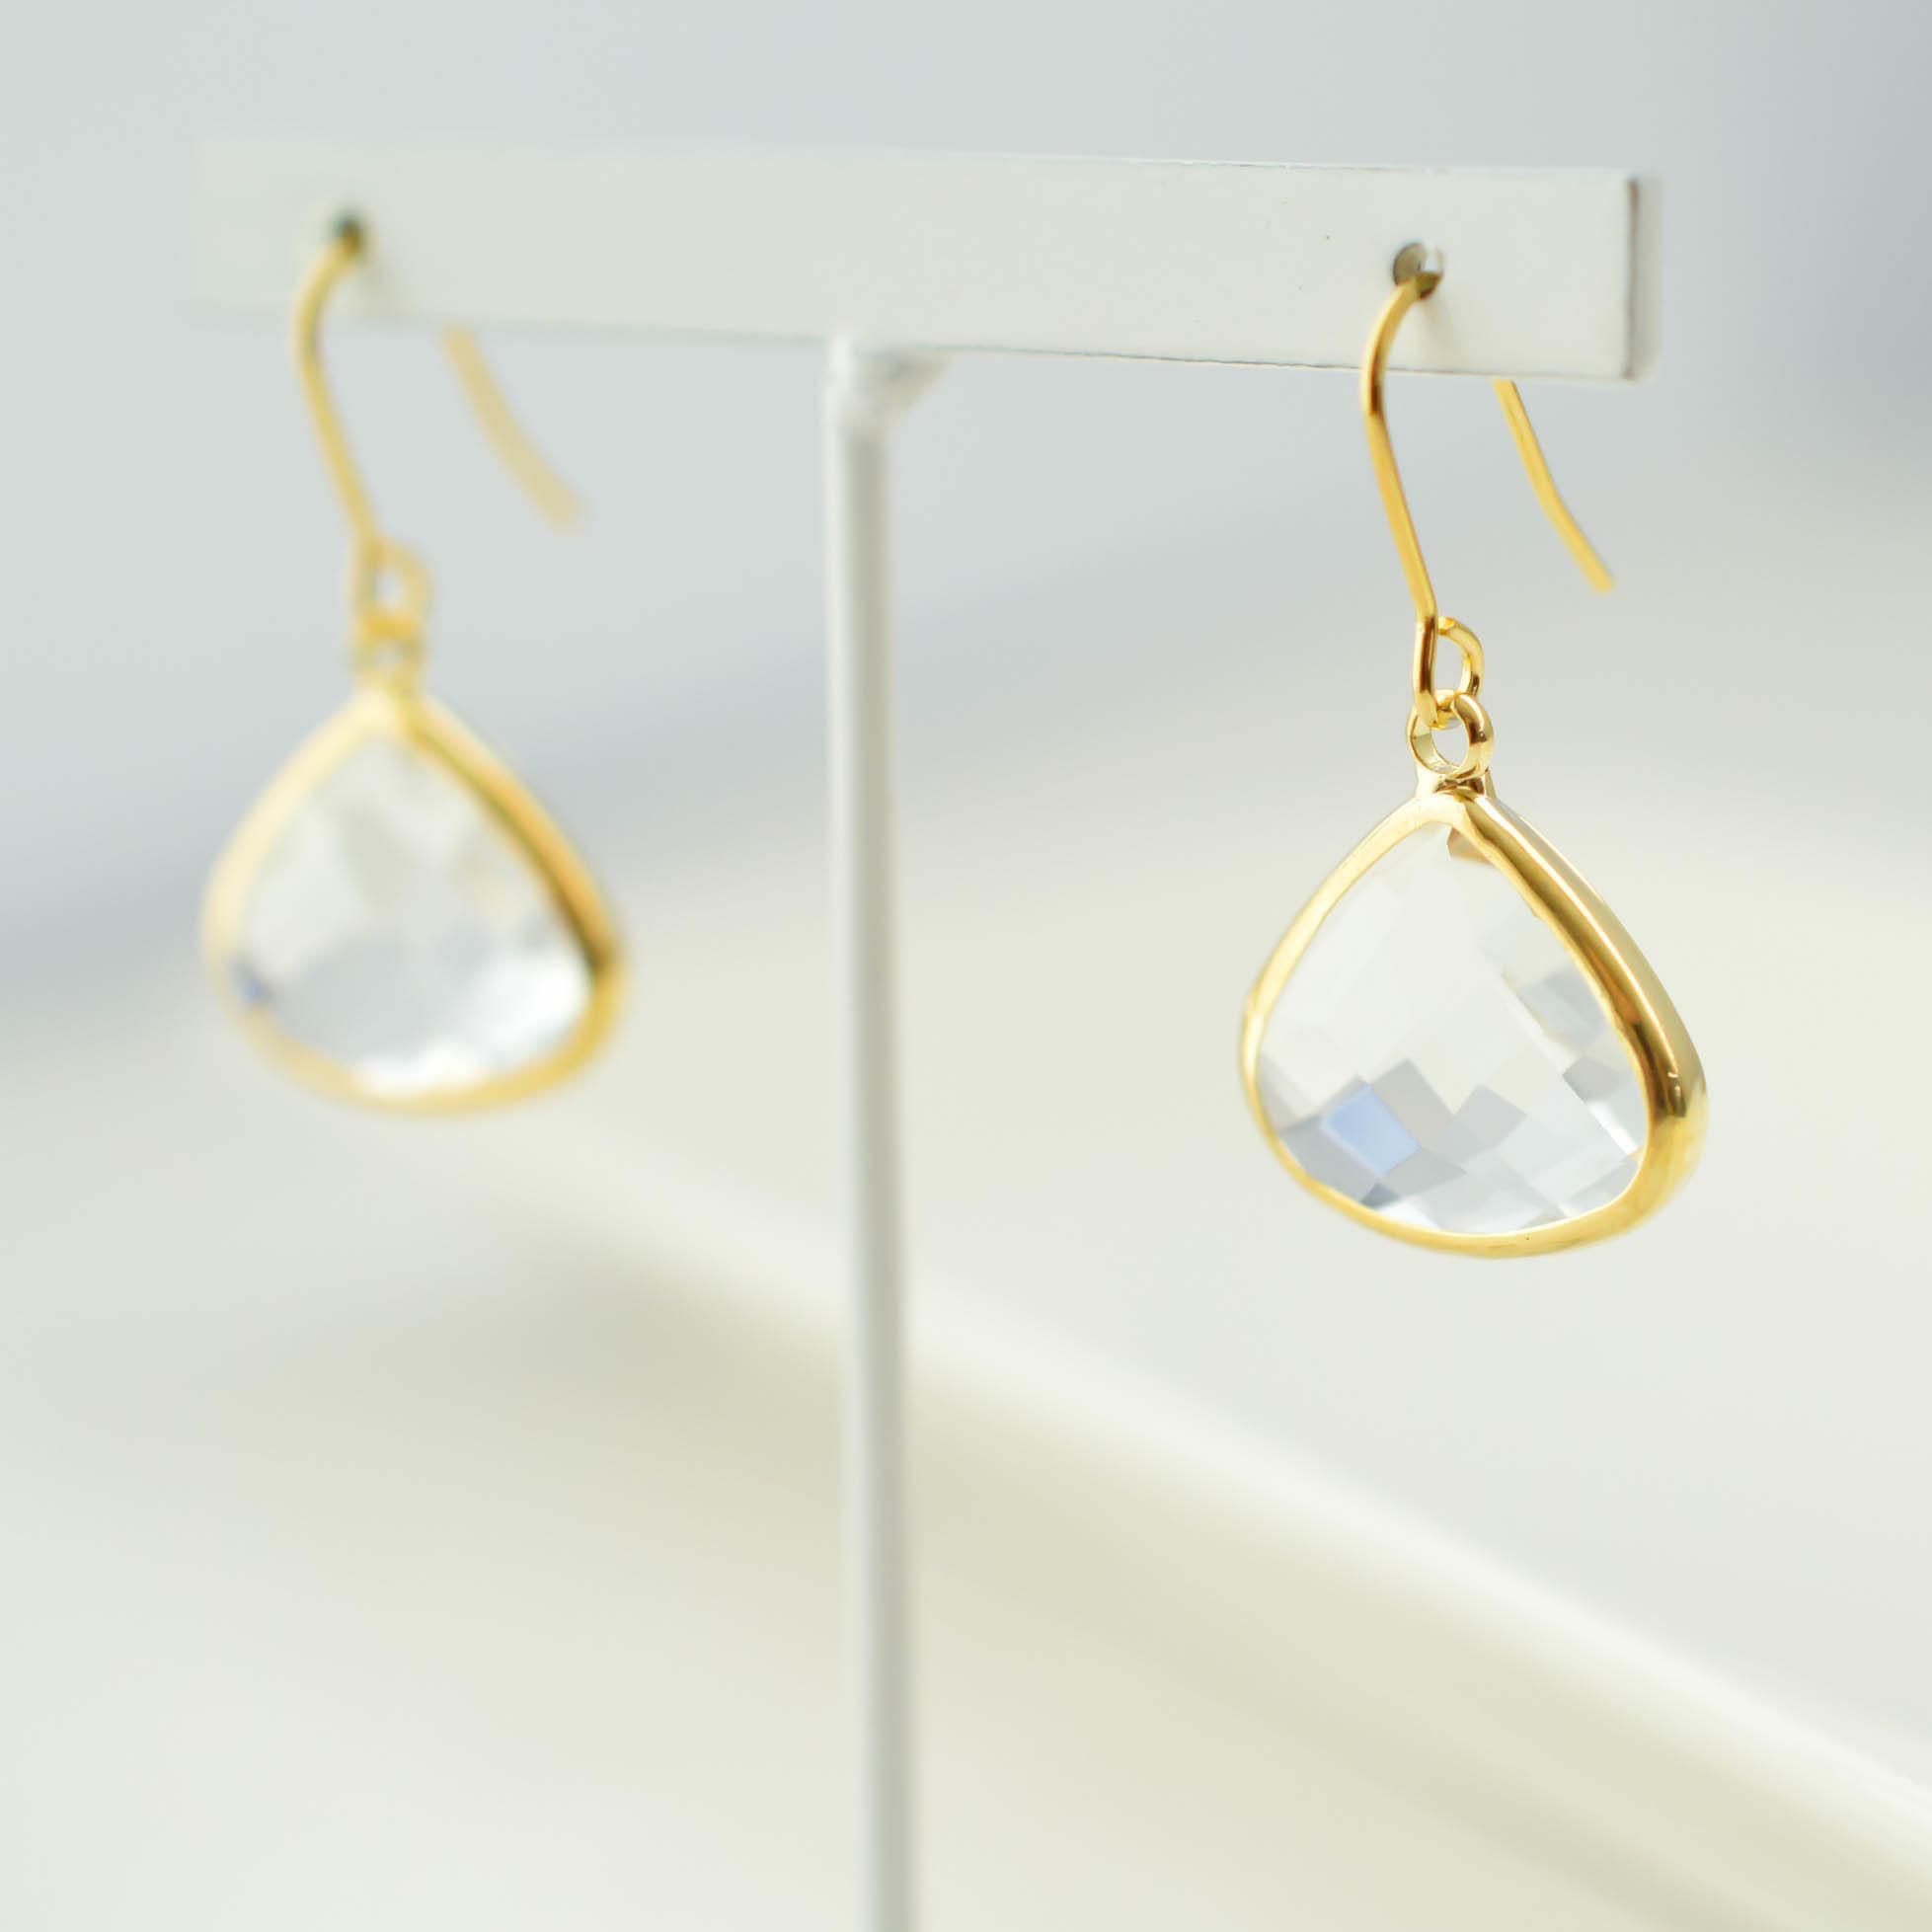 marroncutglass pierce/earring(clear)